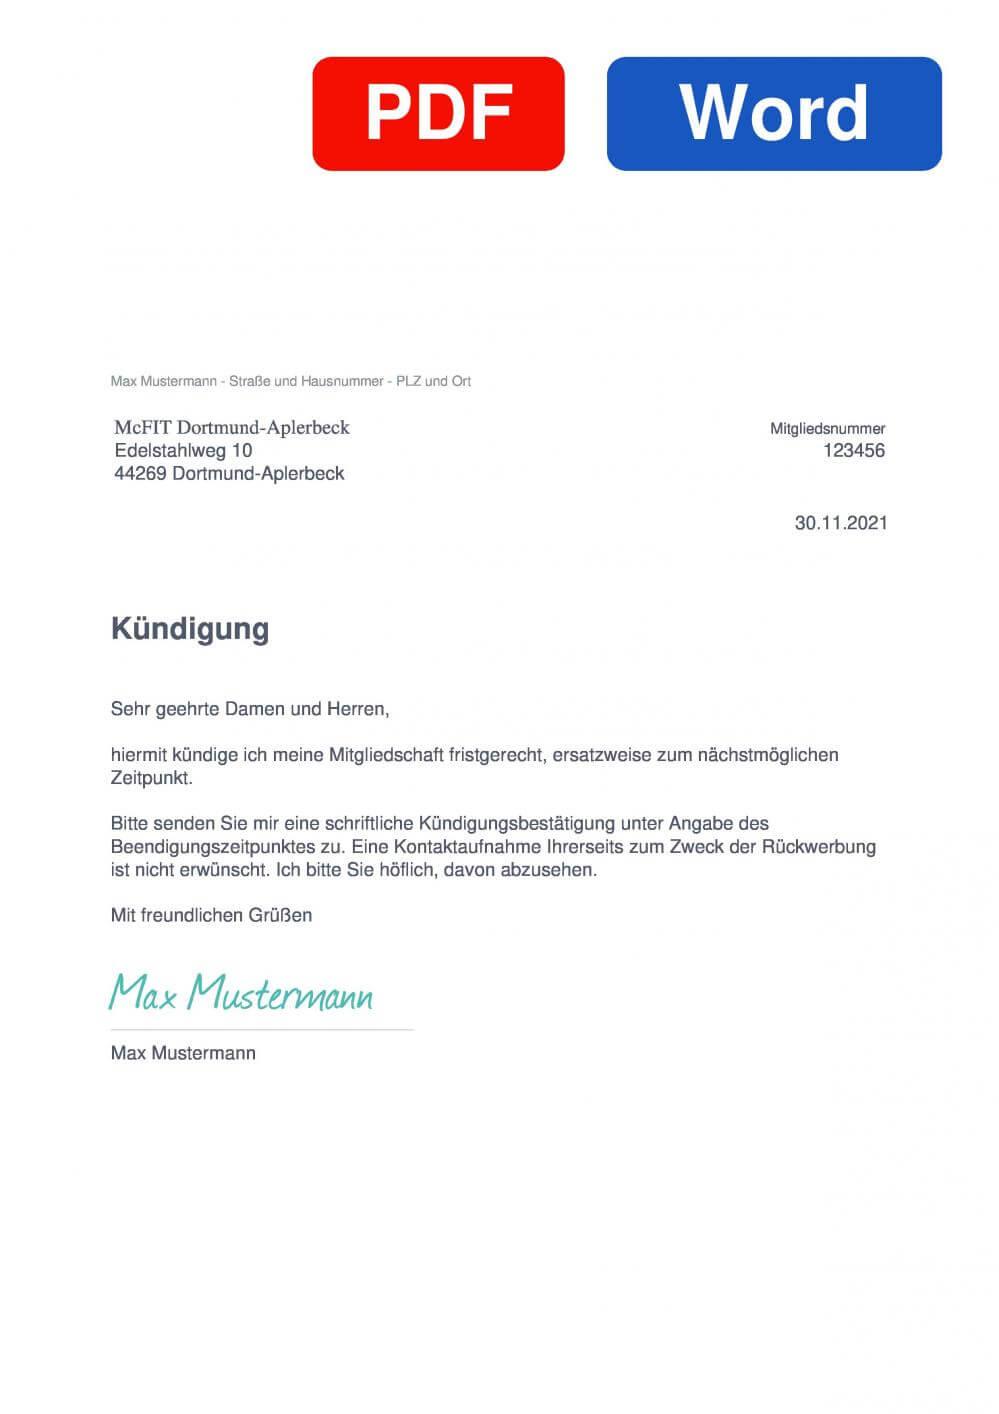 McFIT Dortmund-Aplerbeck Muster Vorlage für Kündigungsschreiben